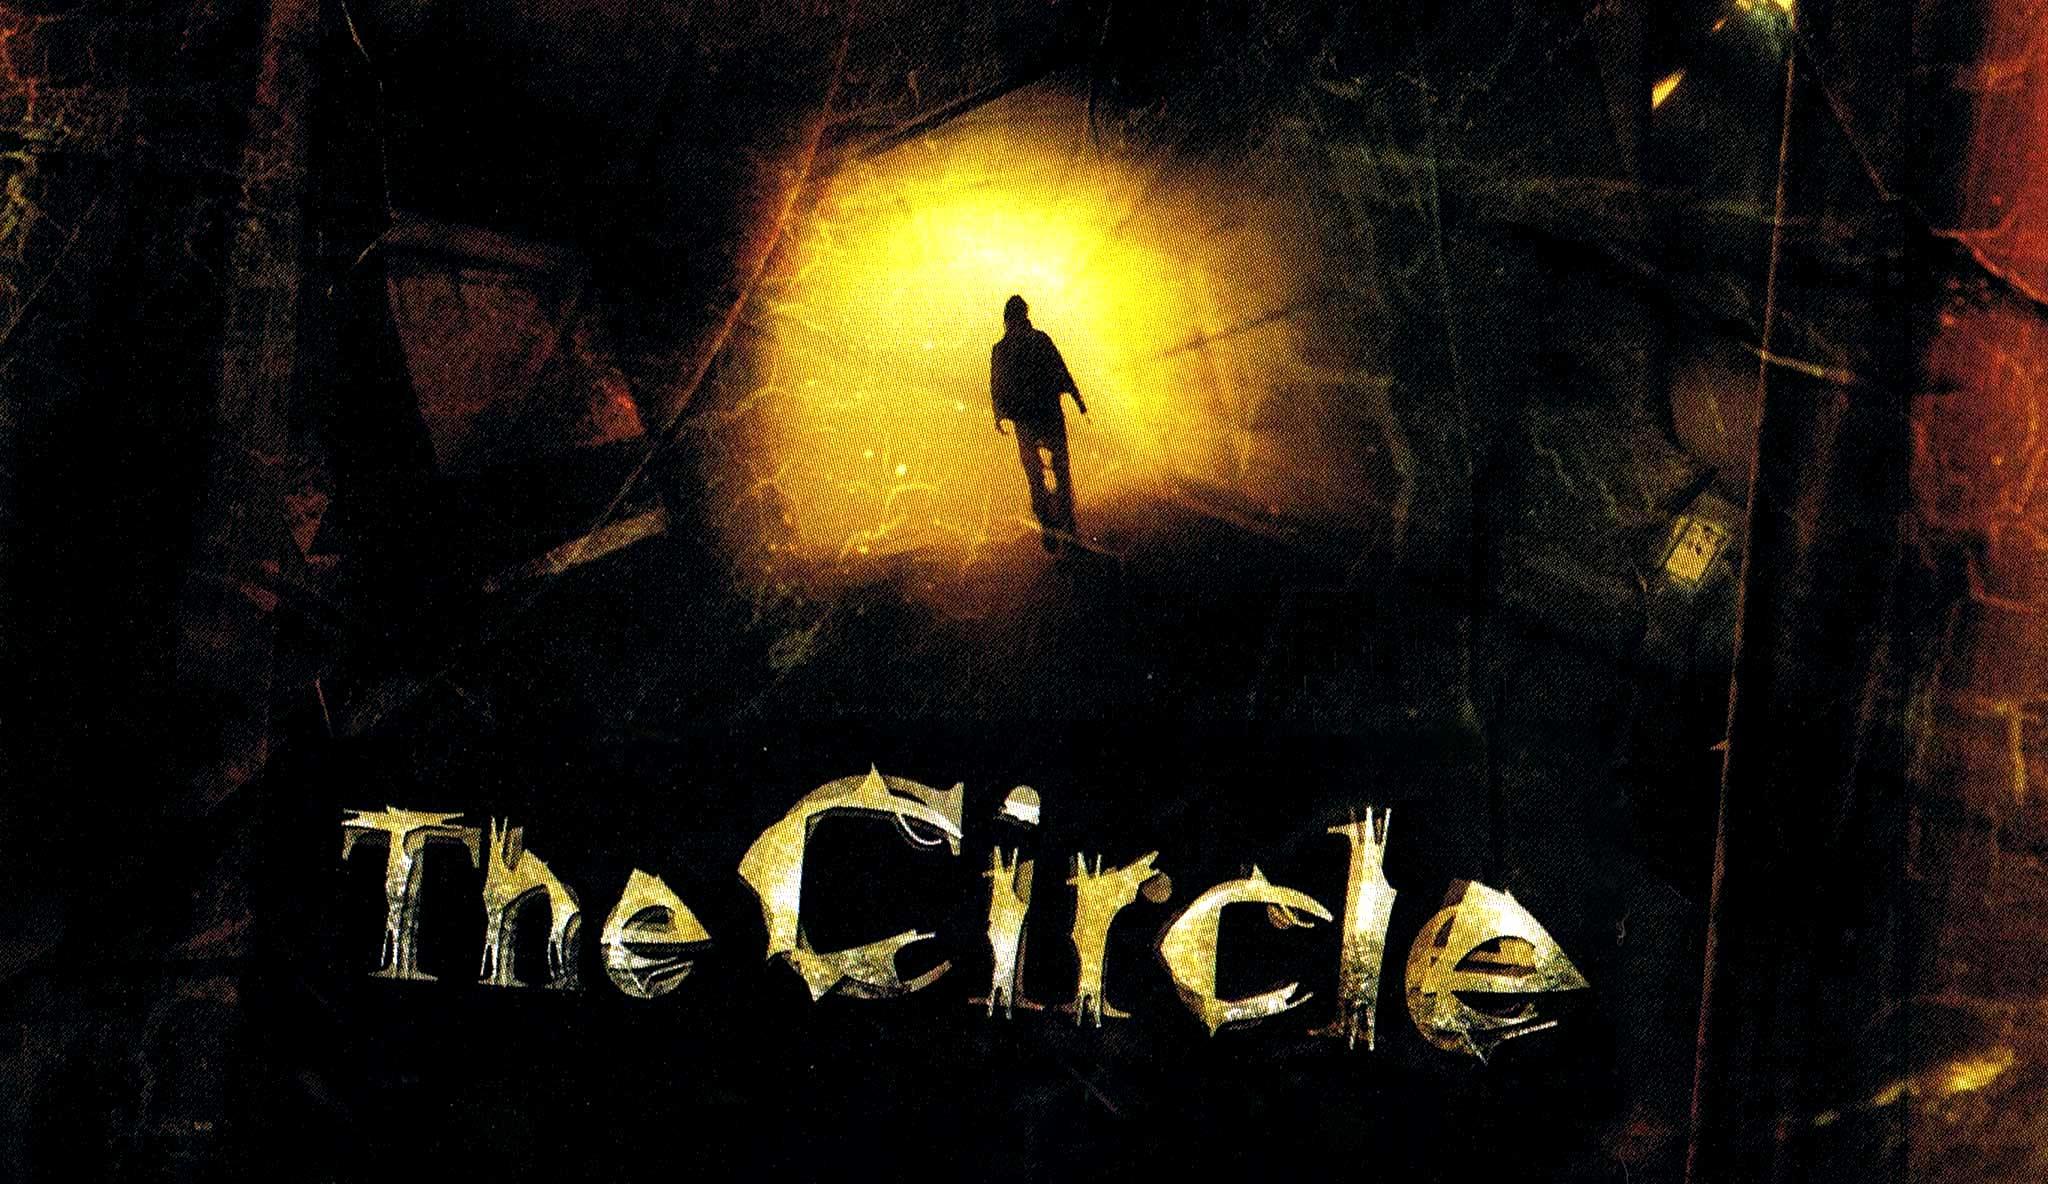 the-circle-ein-schuss-genugt-schon\header.jpg